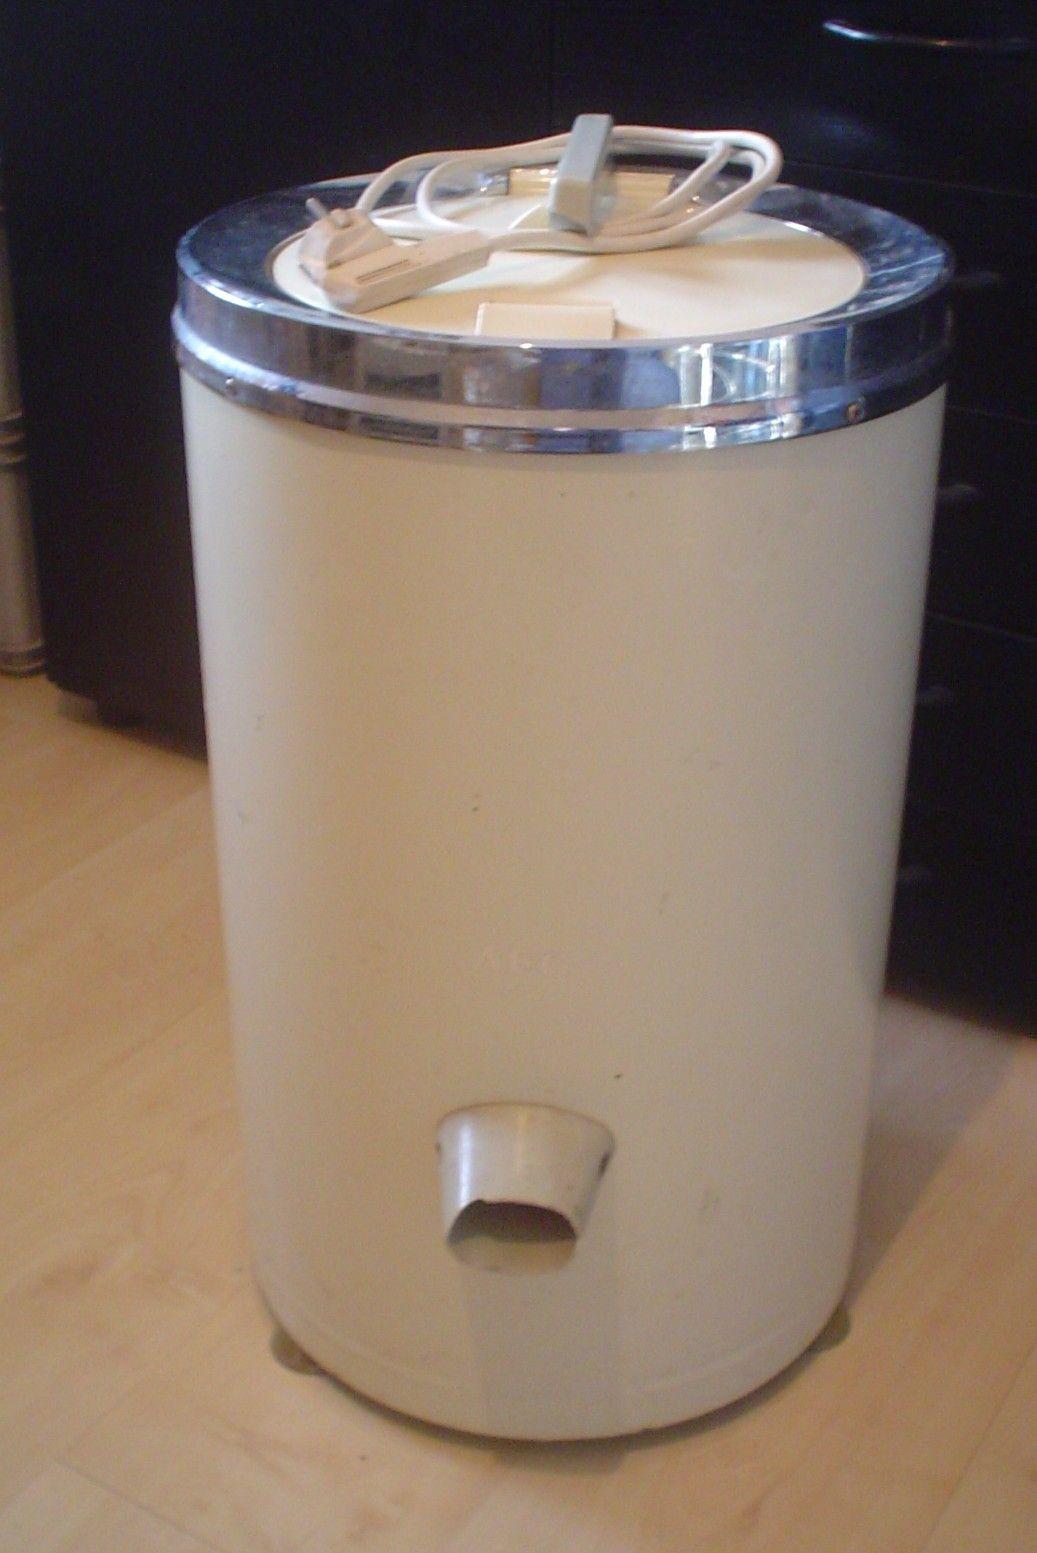 Centrifuge. Deze gebruikte mijn moeder in de jaren 70. De was moest wel gelijkmatig verdeeld worden, anders geen de centrifuge aan de wandel. Ook leuk was het om het deksel open te doen als ie nog draaide. Heel gevaarlijk natuurlijk!